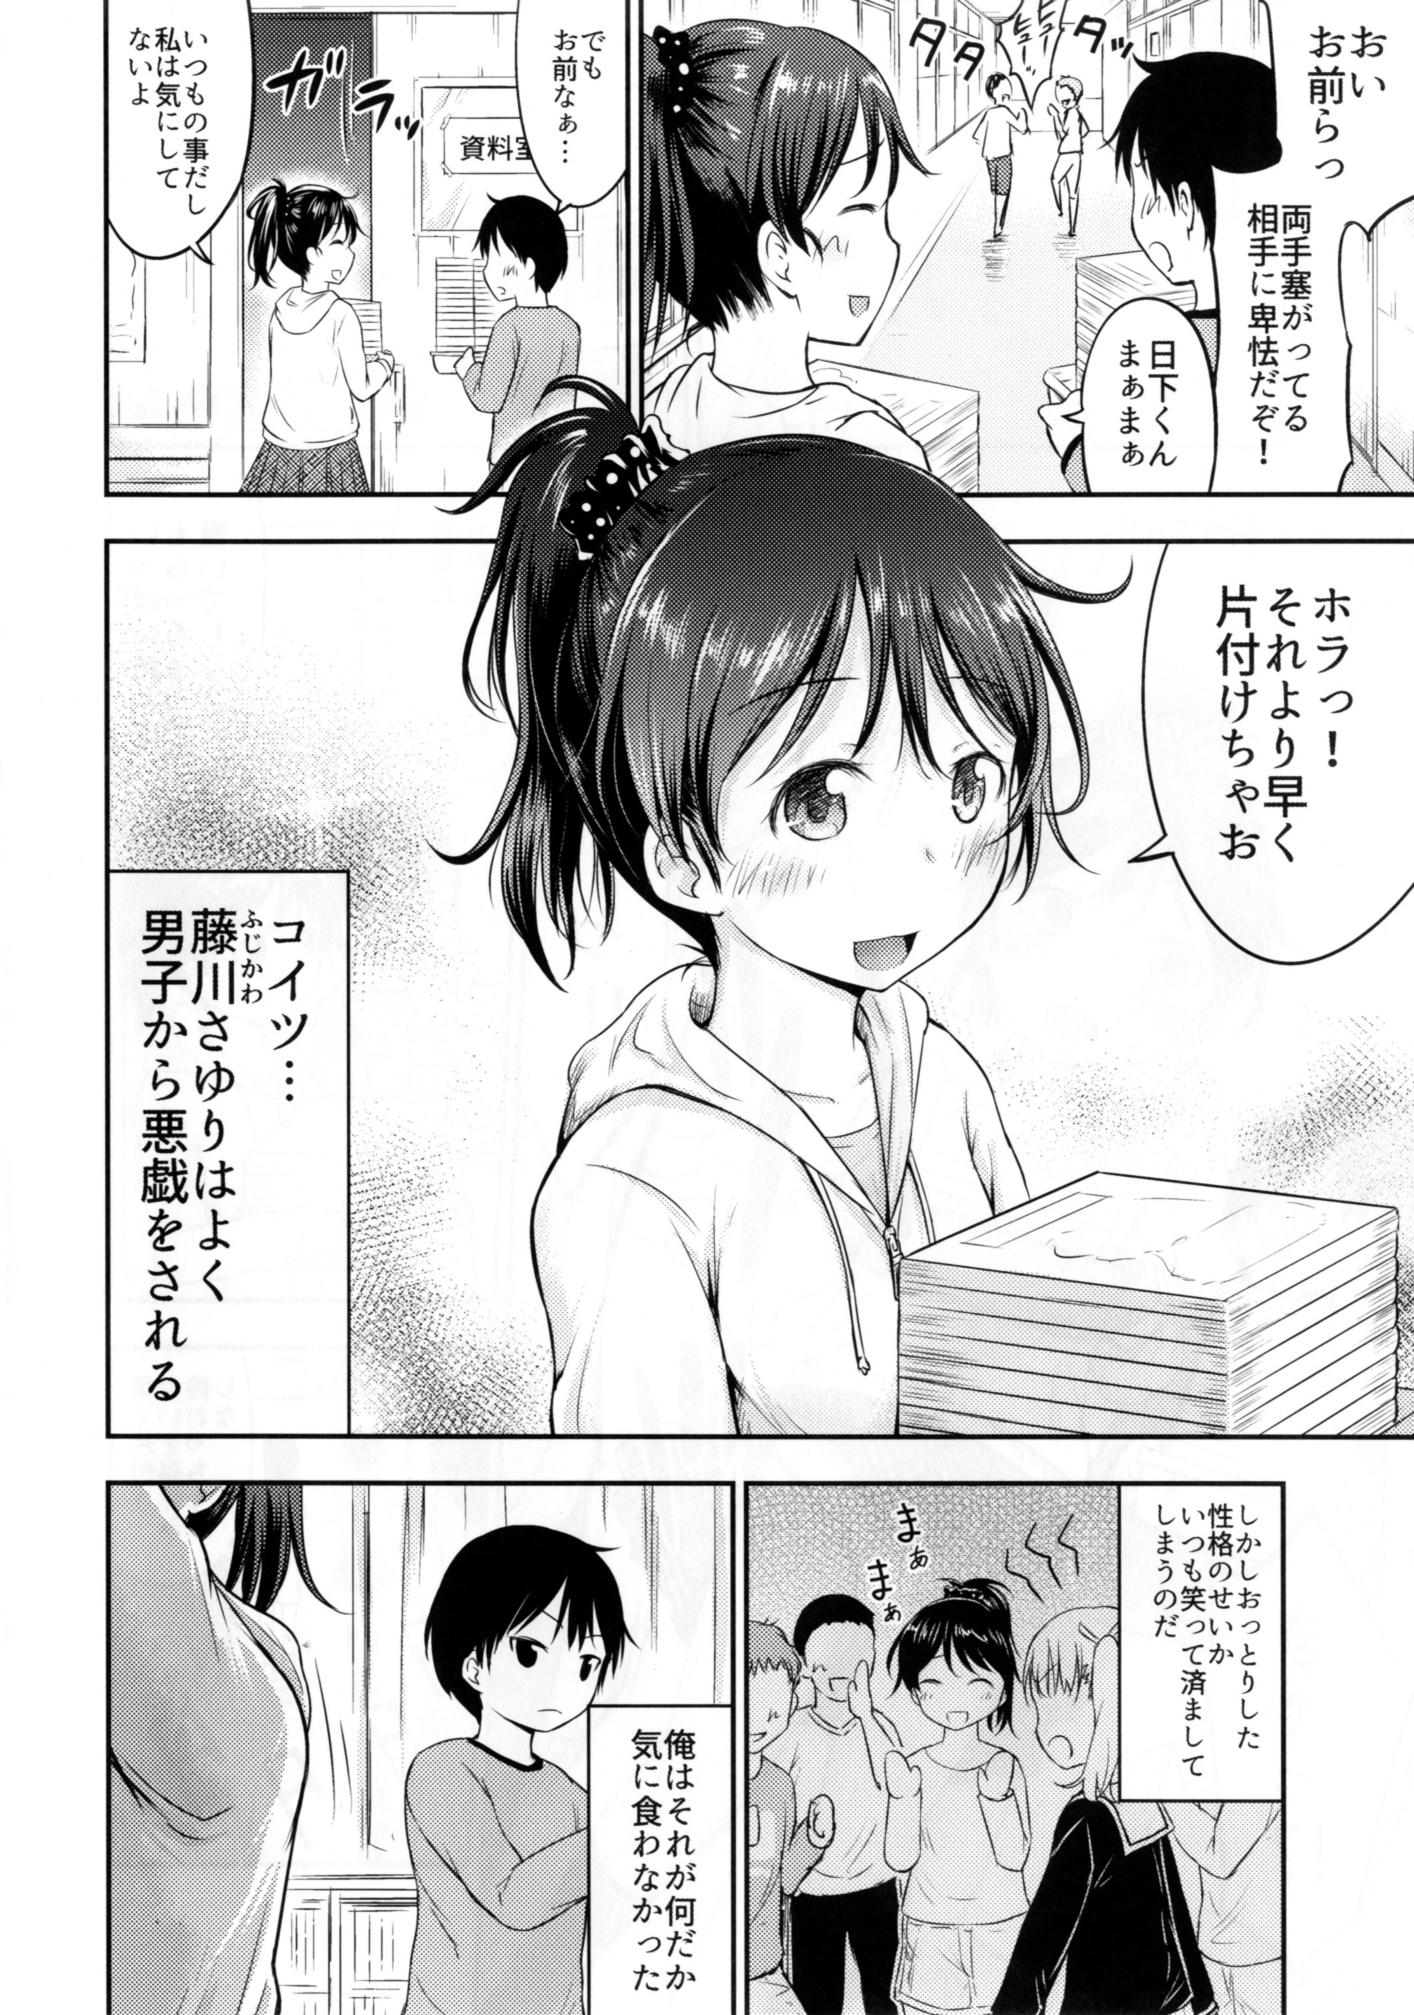 【エロ漫画・エロ同人】ロリJSの同級生がパンツ見せてくれるって言うから見せてもらってたら興奮してきちゃってクンニしちゃったw告ったらエッチOK出たからセックスしちゃってるしwww こどもの性活 (3)